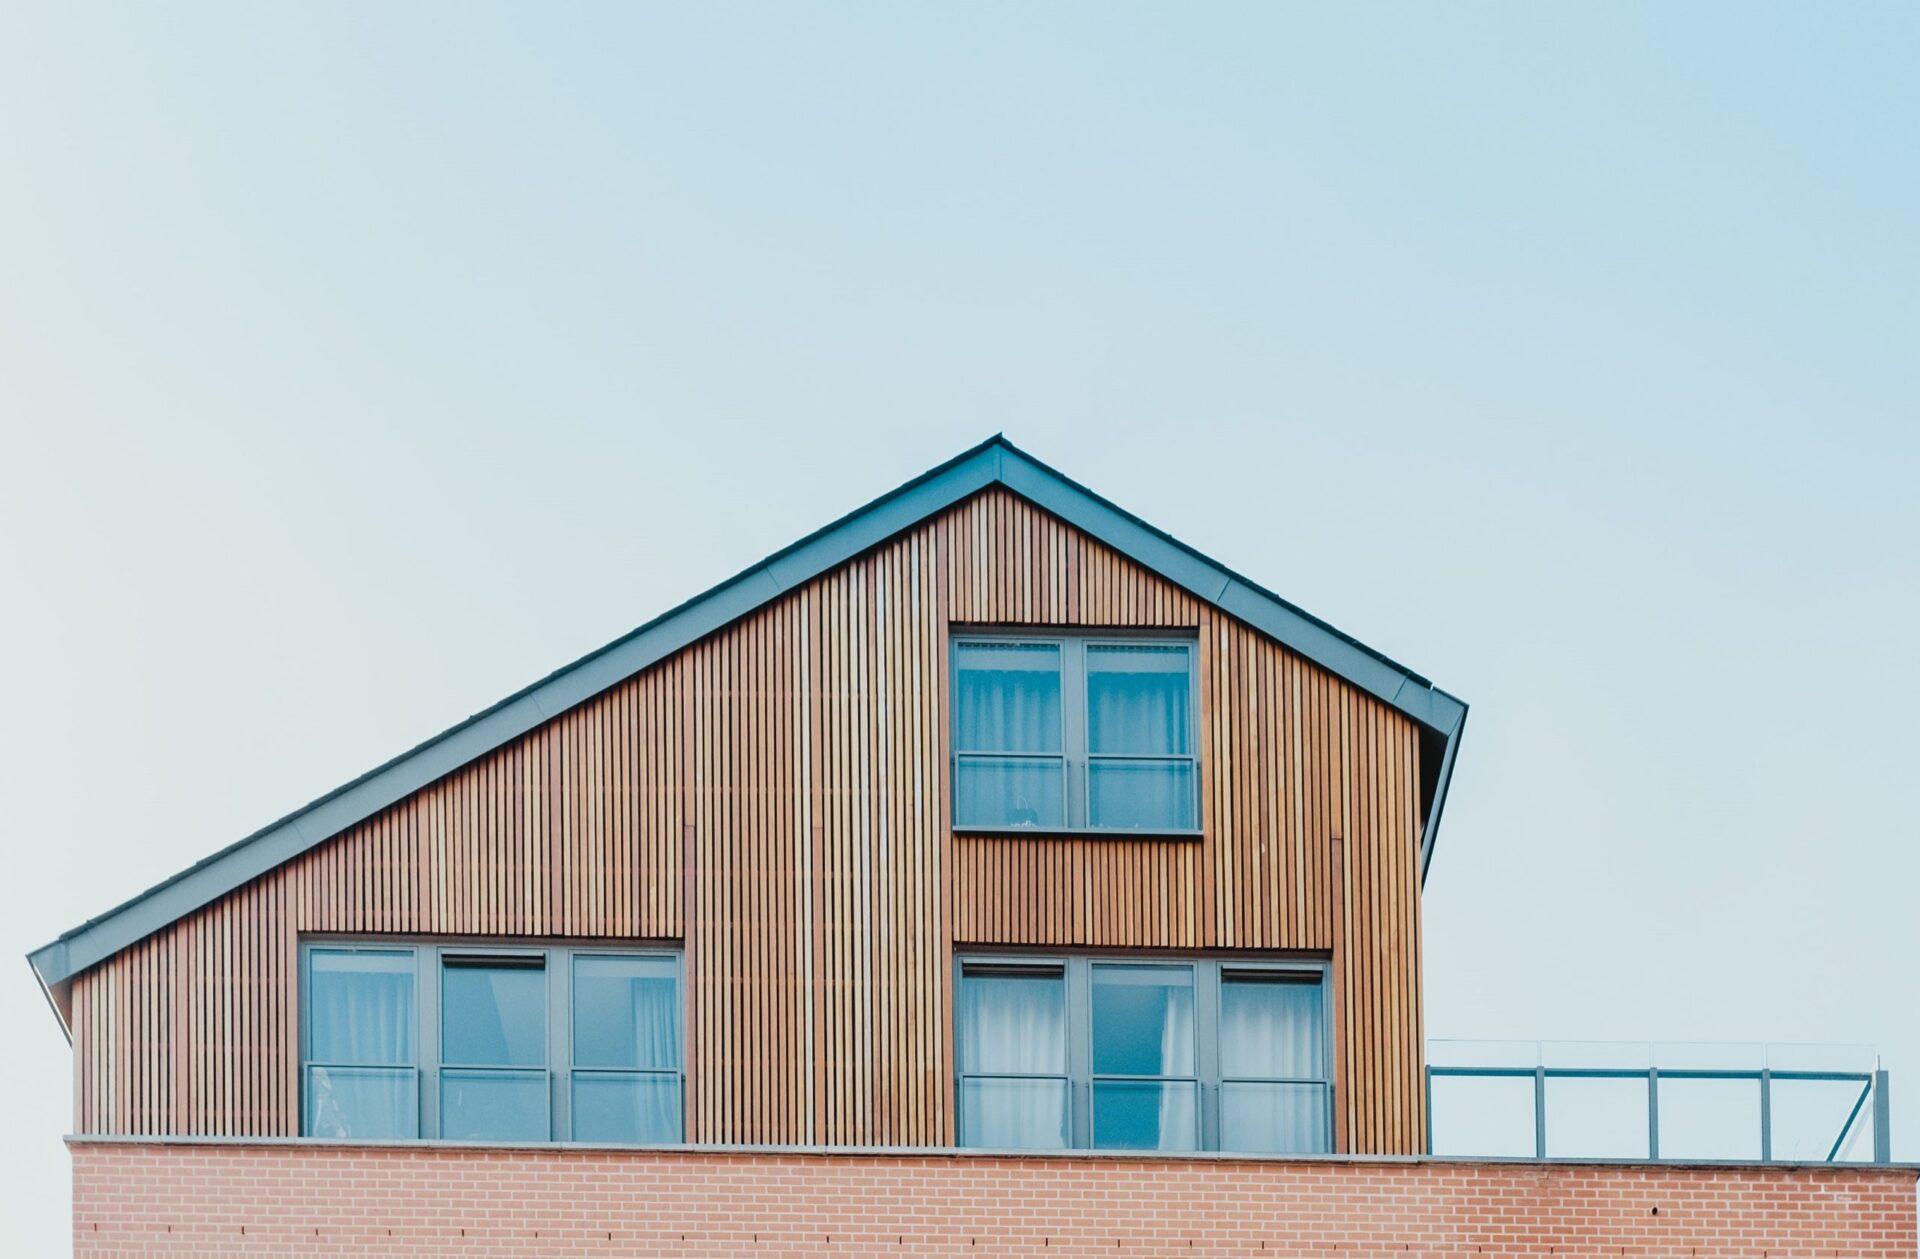 木造建築士と二級建築士の資格の違い【正直、二級建築士がおすすめ】